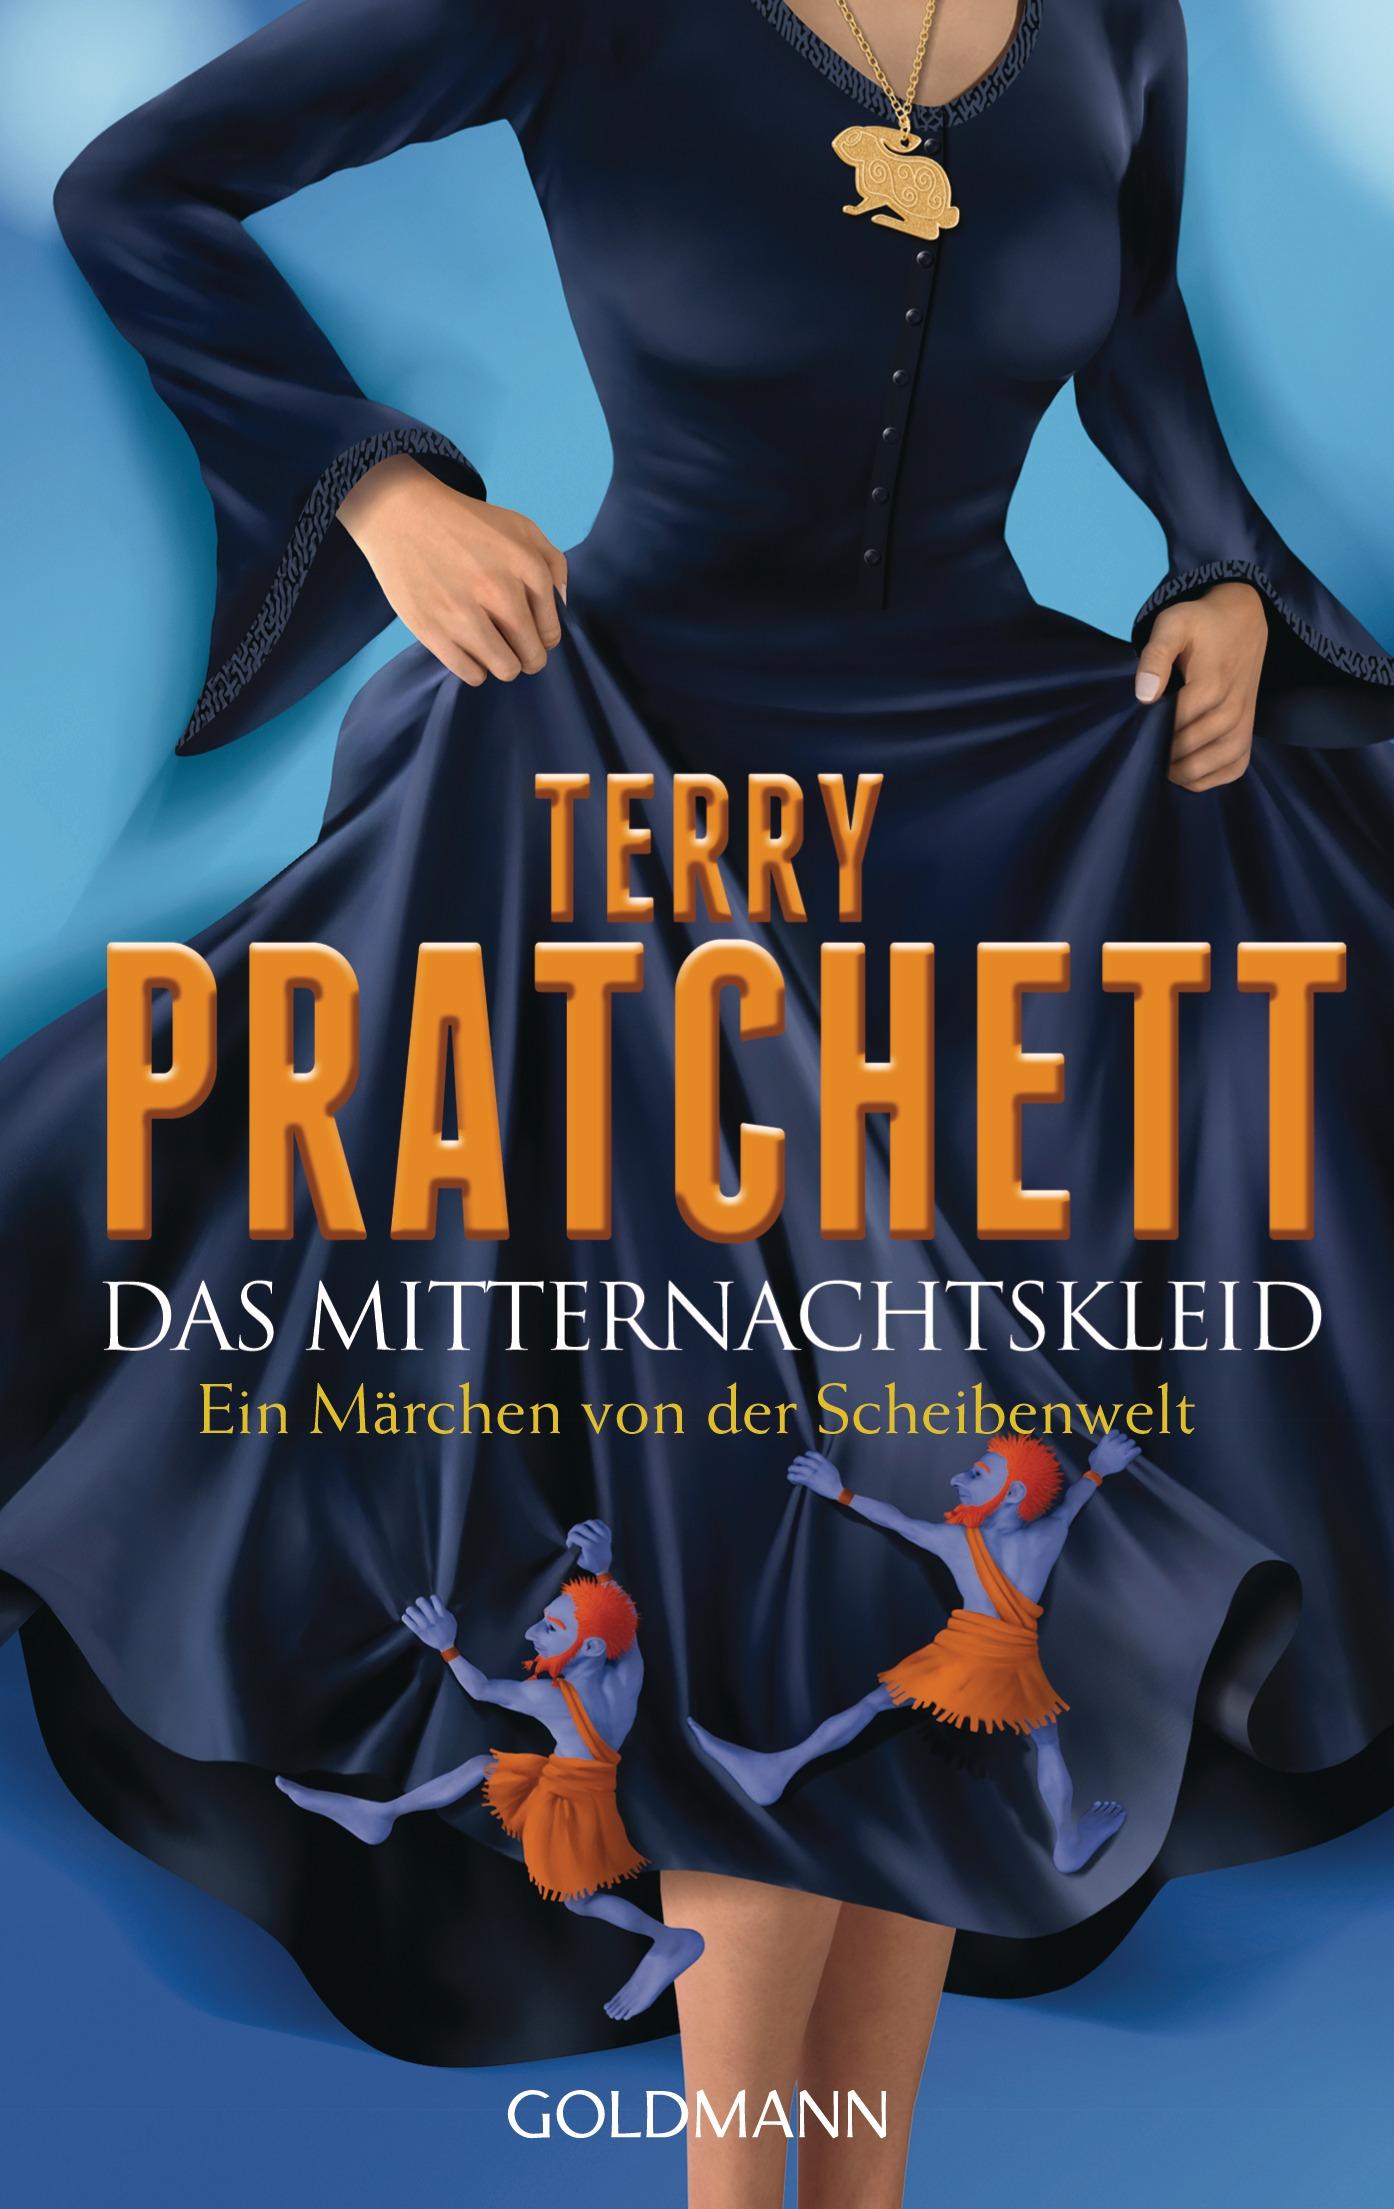 Das Mitternachtskleid Terry Pratchett 9783442478705